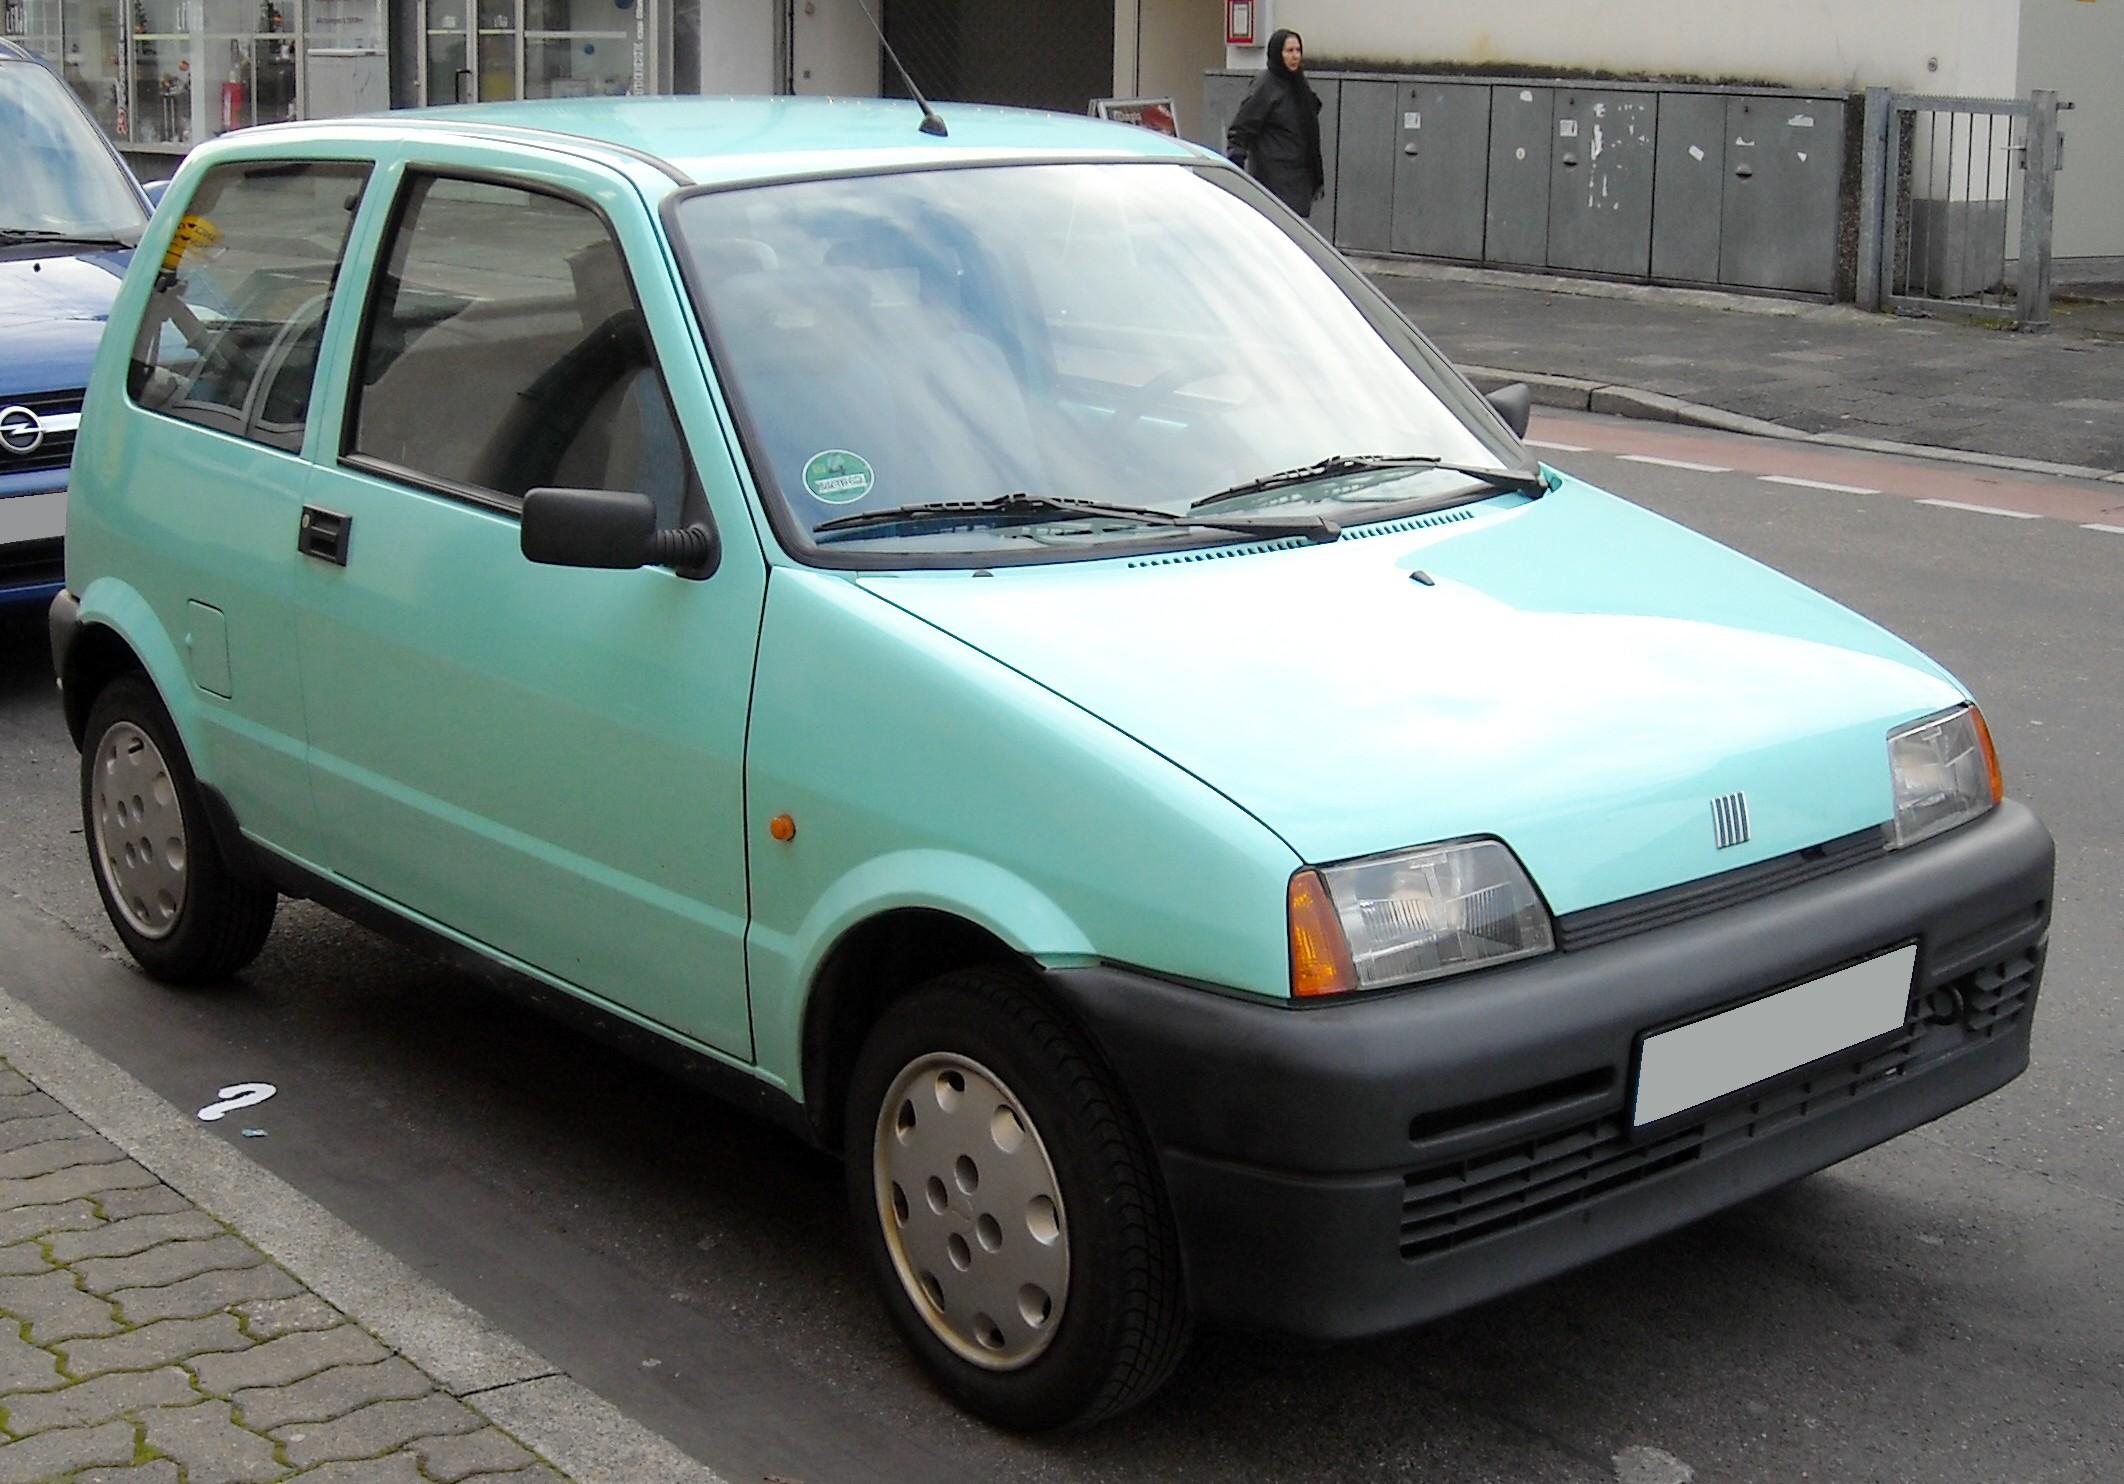 Fiat Cinquecento Wikipedia